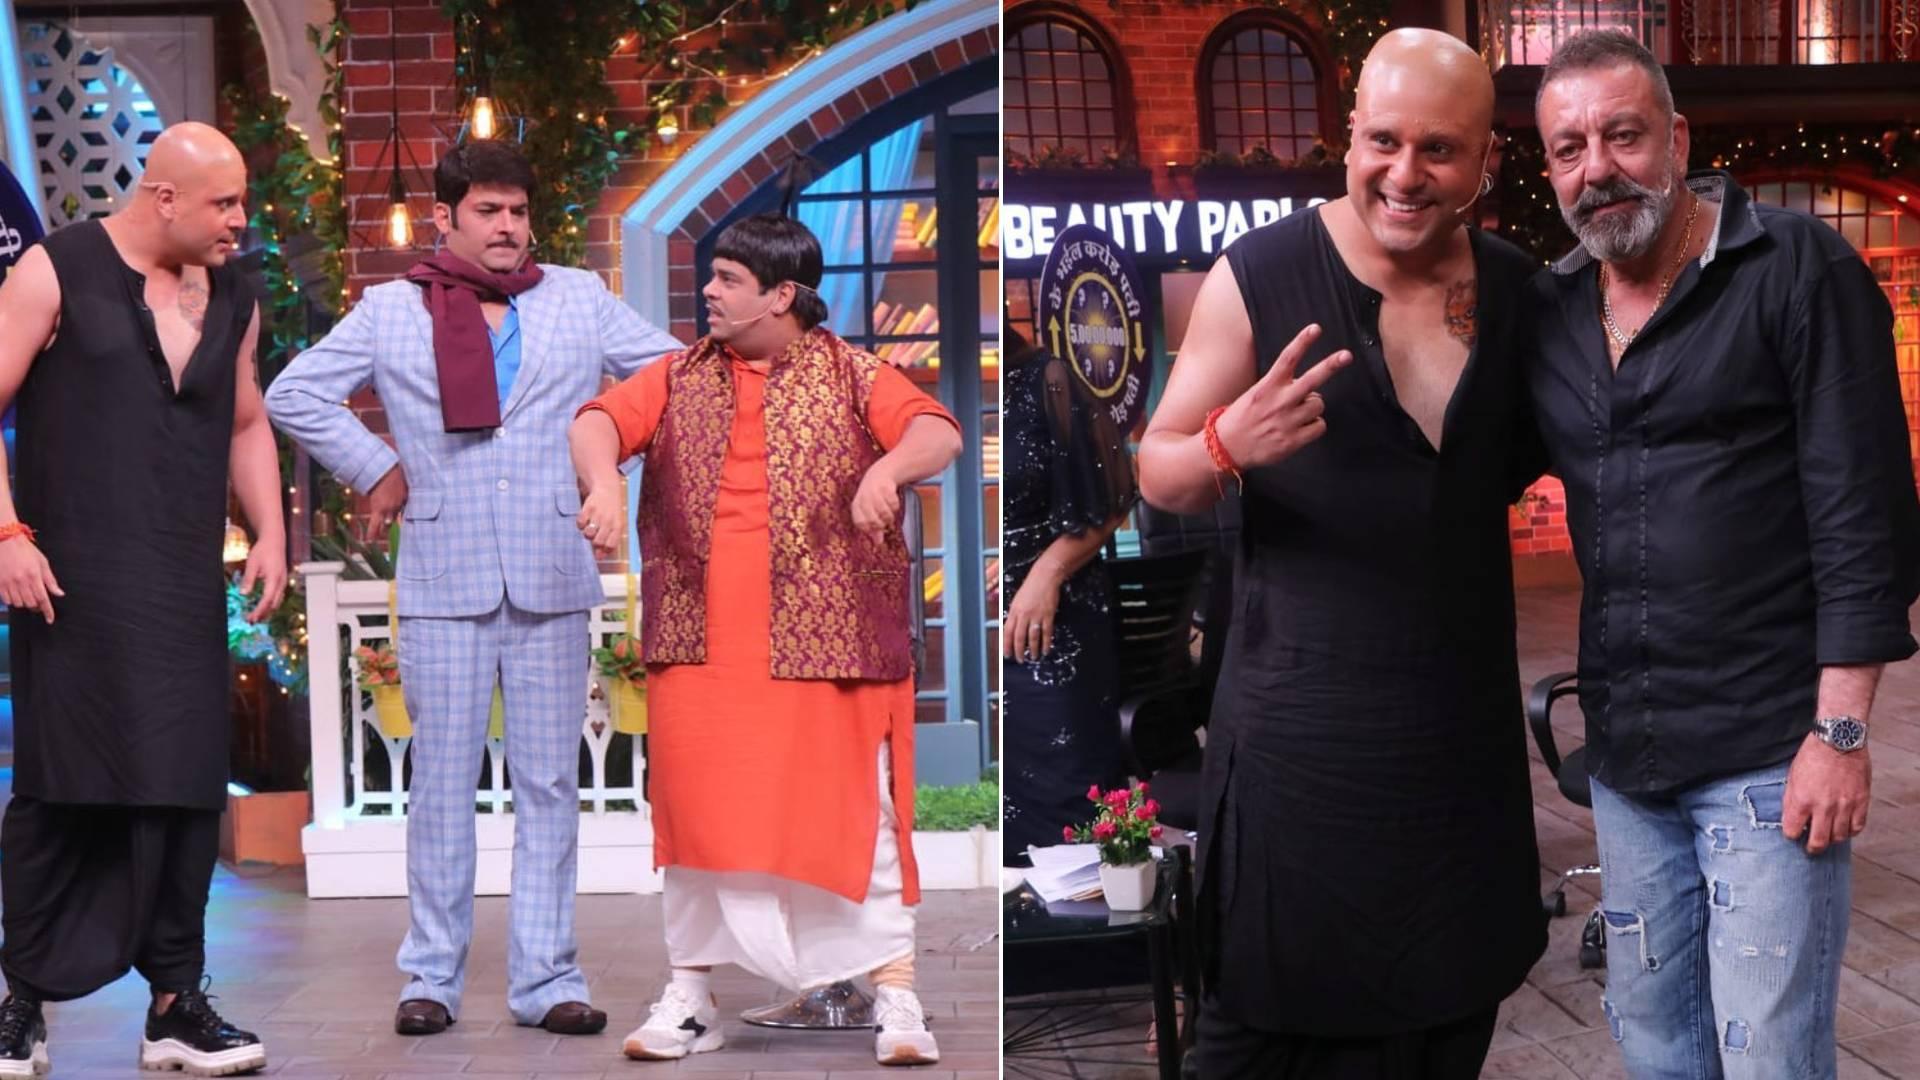 The Kapil Sharma Show: कपिल शर्मा के शो में अभी तक क्यों नहीं आए थे संजय दत्त, एक्टर ने खुद किया खुलासा